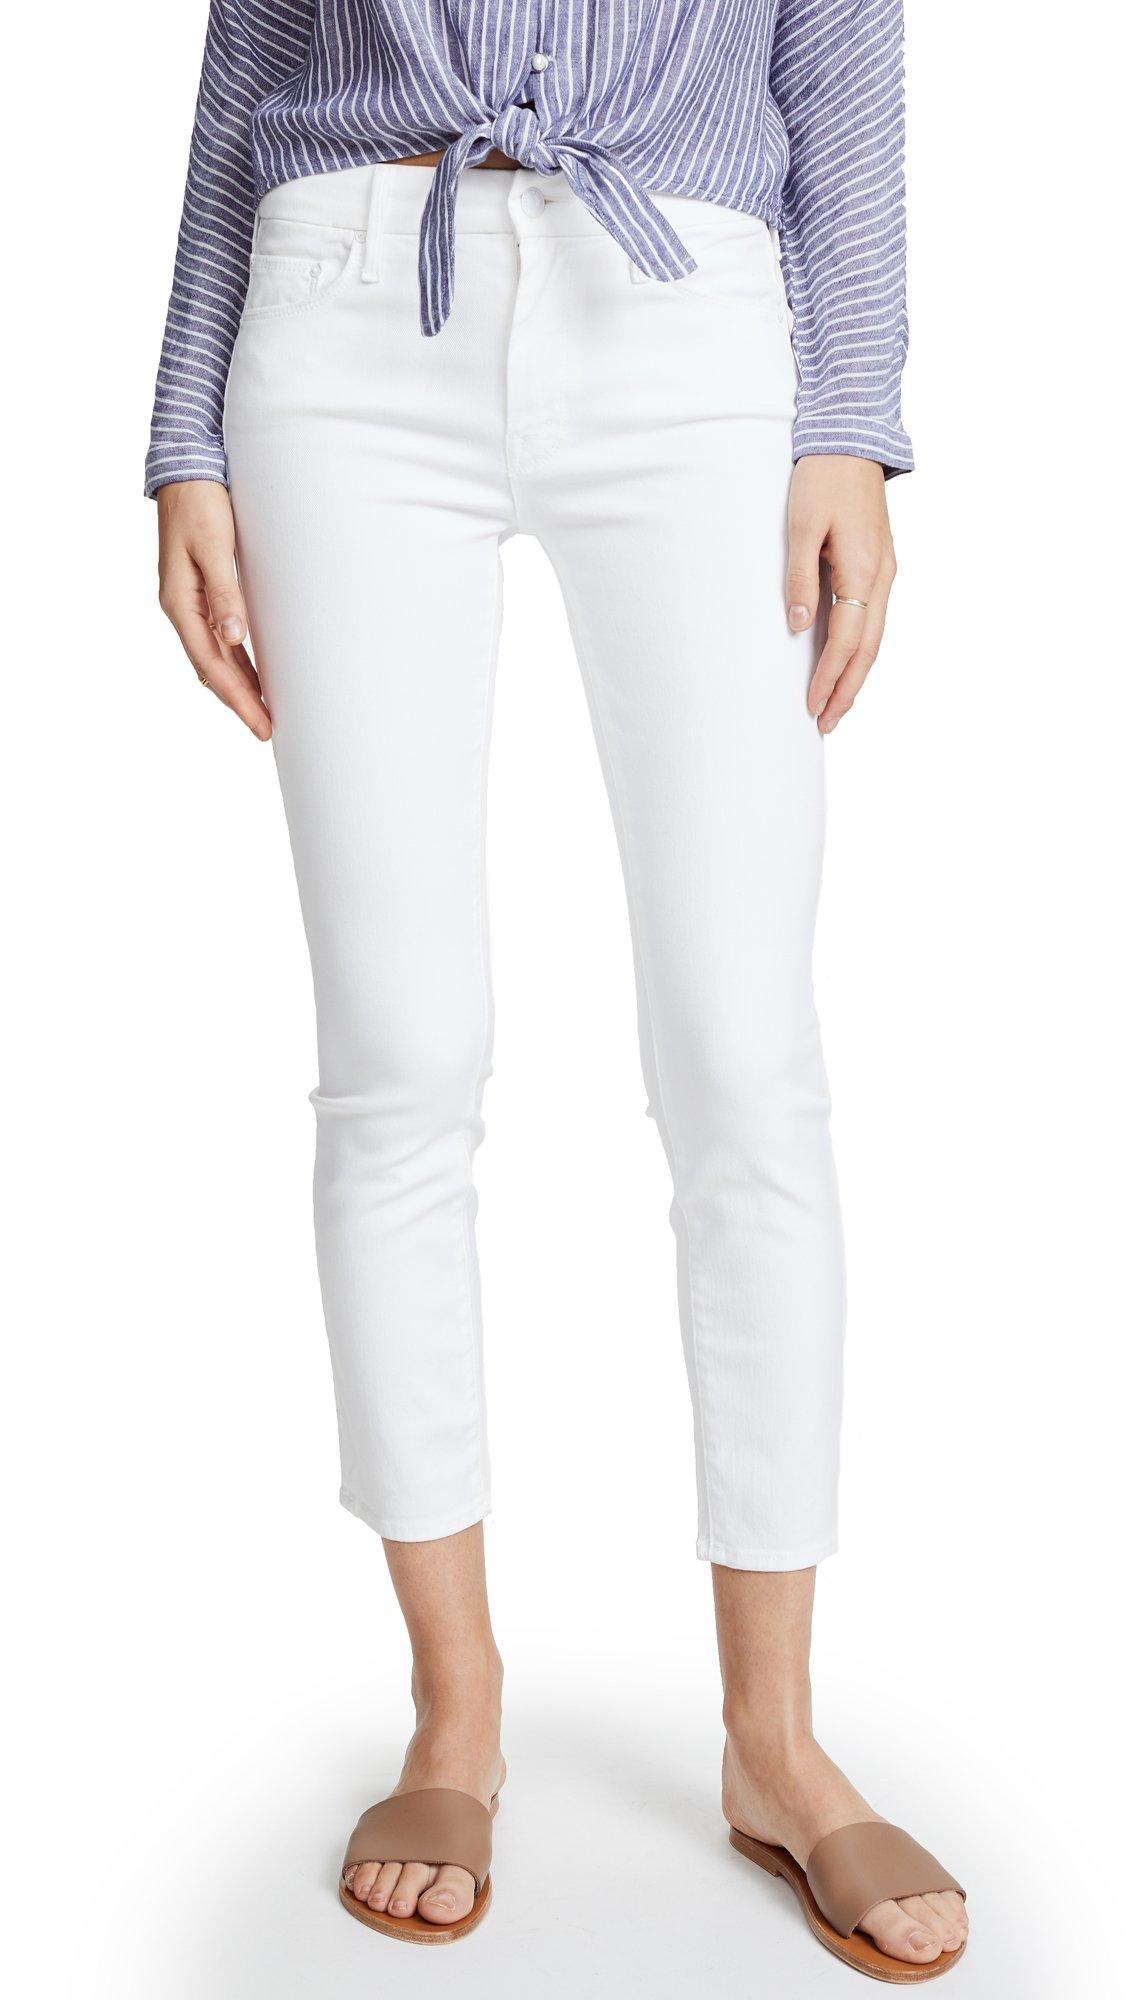 MOTHER Women's looker Crop Skinny Jeans, Glass Slipper, 30